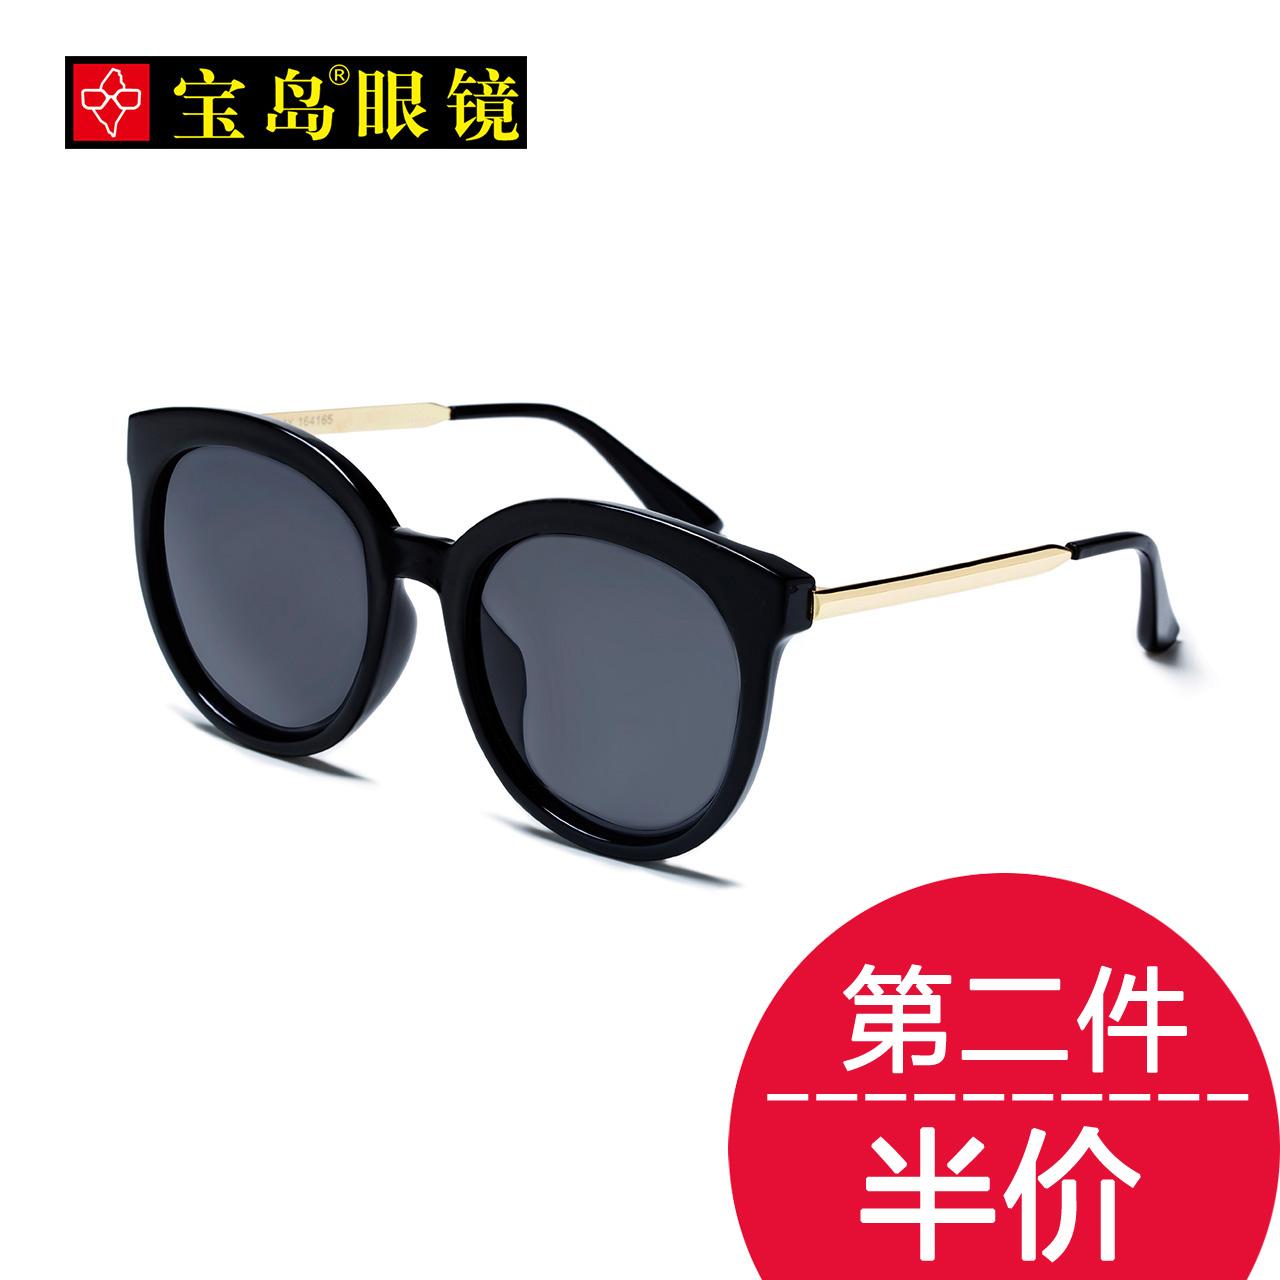 寶島眼鏡 墨鏡偏光圓臉太陽鏡女士個性韓國前衛大臉潮 目戲